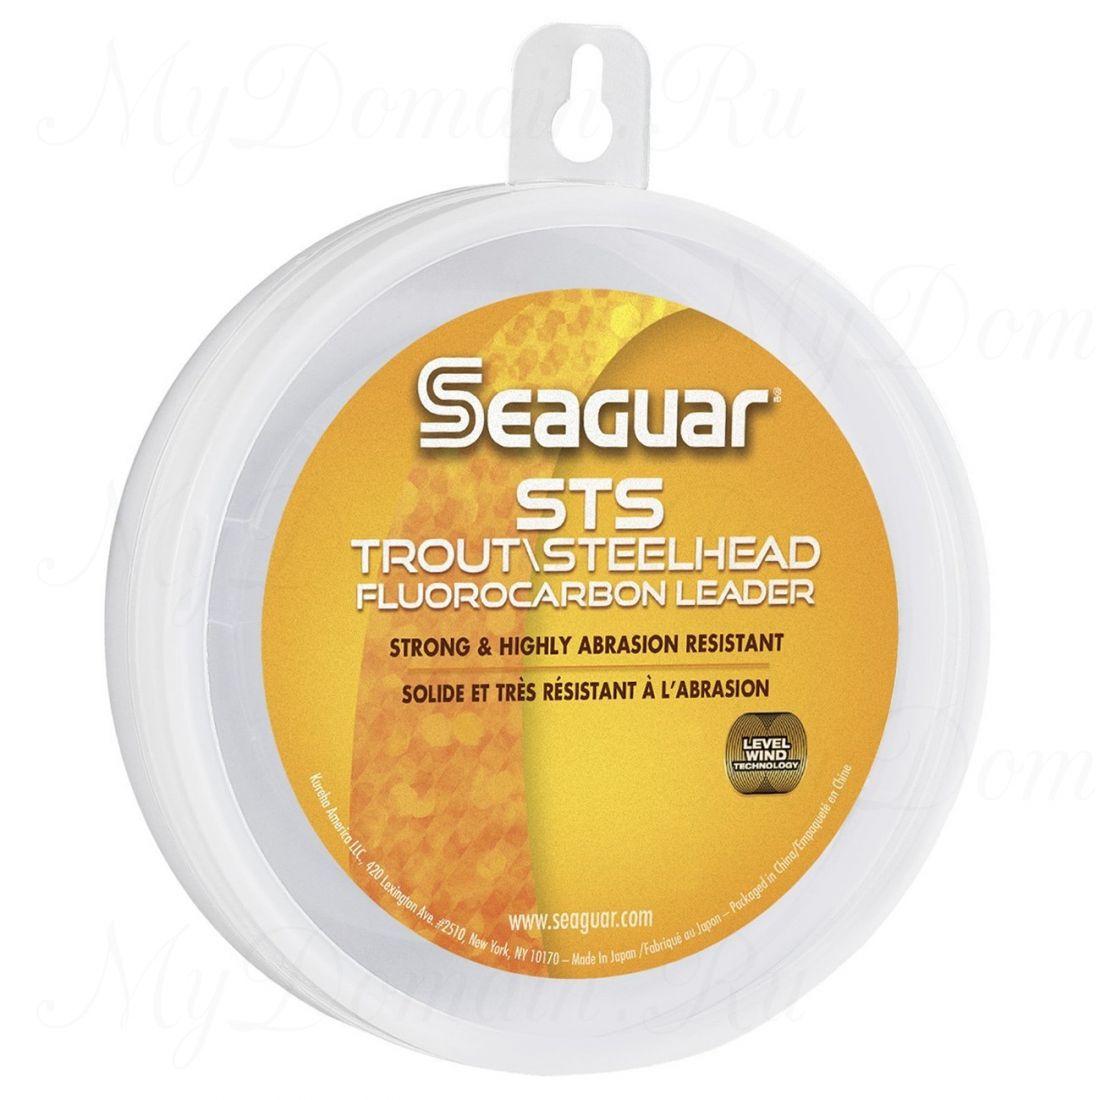 Поводковый материал из флюорокарбона Seaguar STS Salmon & Trout/Steelhead 0,165 мм; 4 lb/1,8 кг; 100 ярдов /91 м.